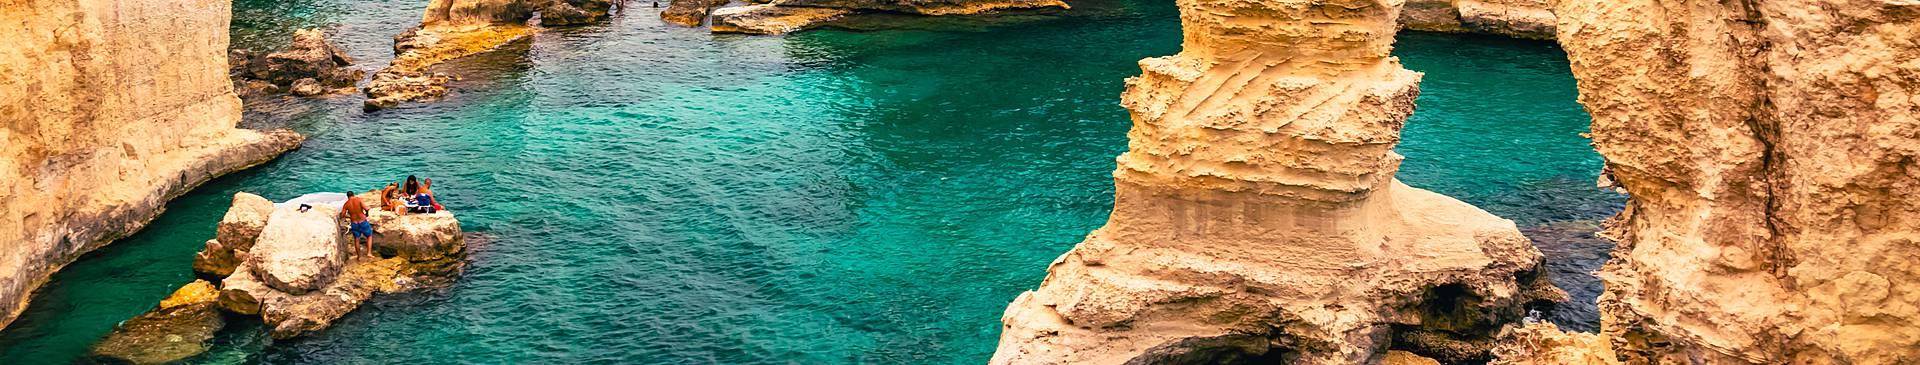 Naturreisen Italien